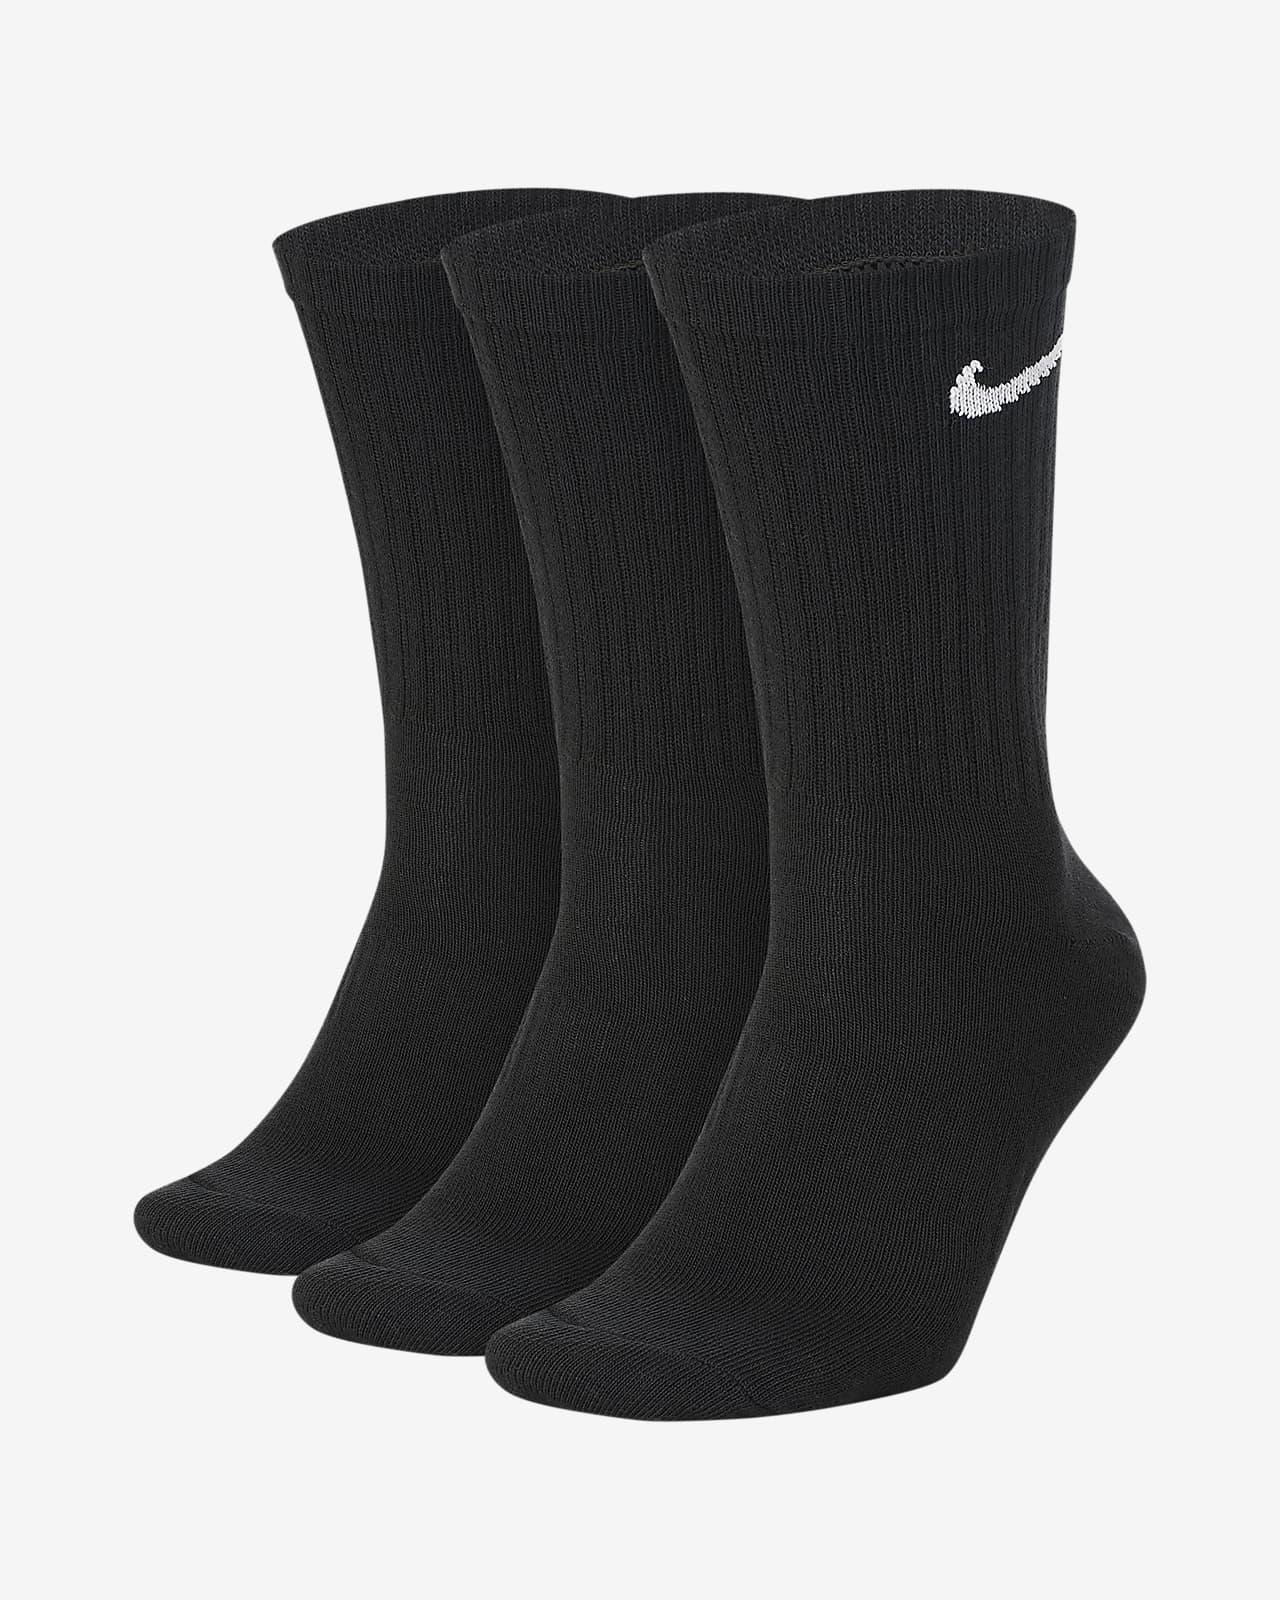 Nike Everyday Lightweight treningssokker (3 par)